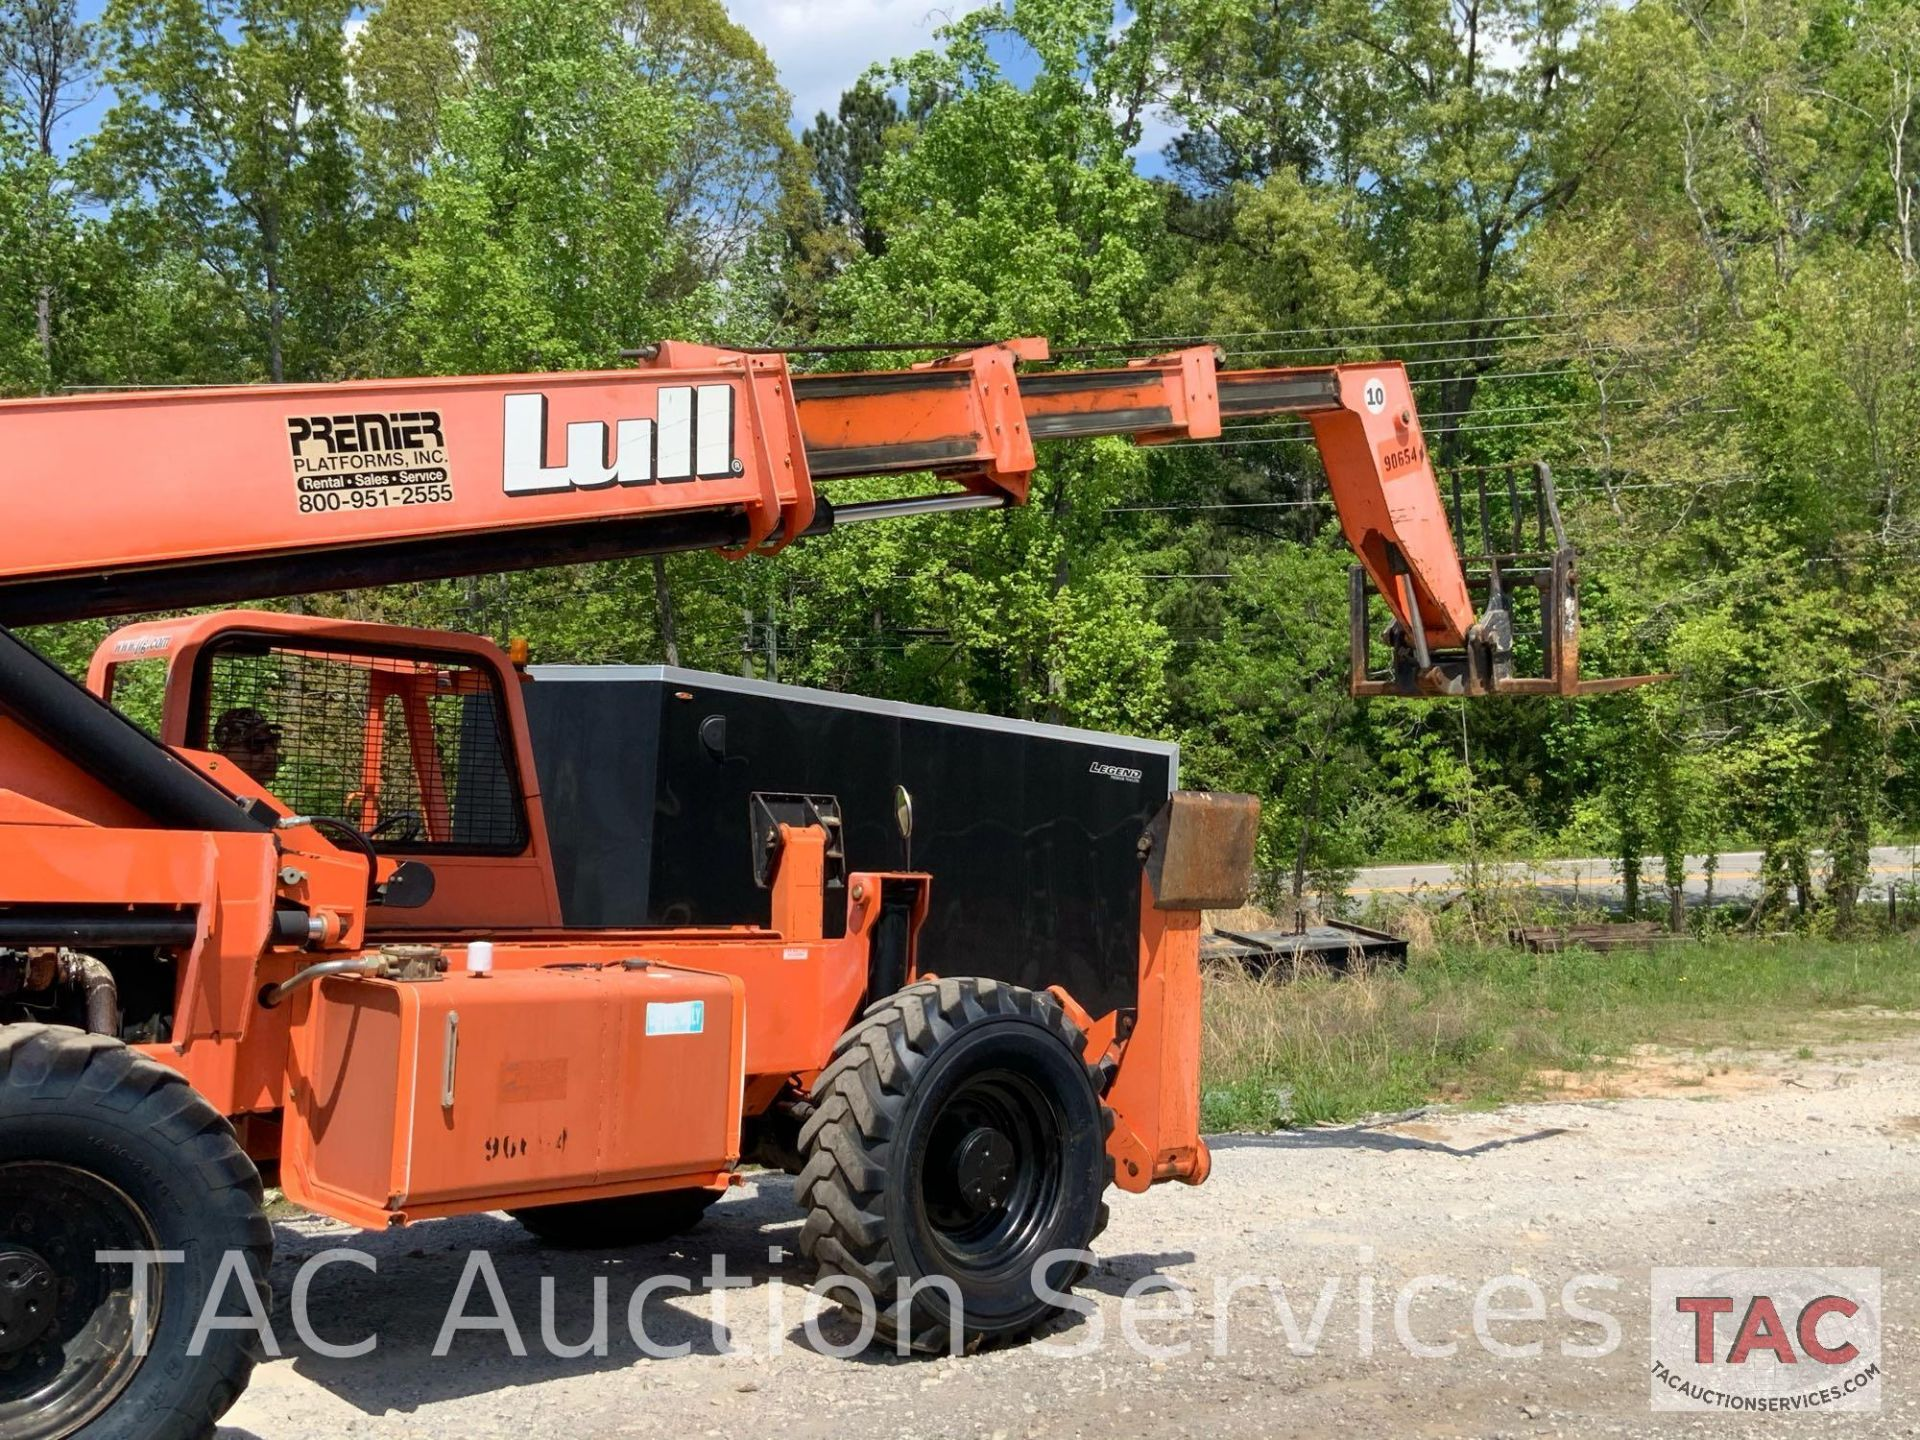 2007 JLG LULL Telehander Forklift - Image 15 of 25